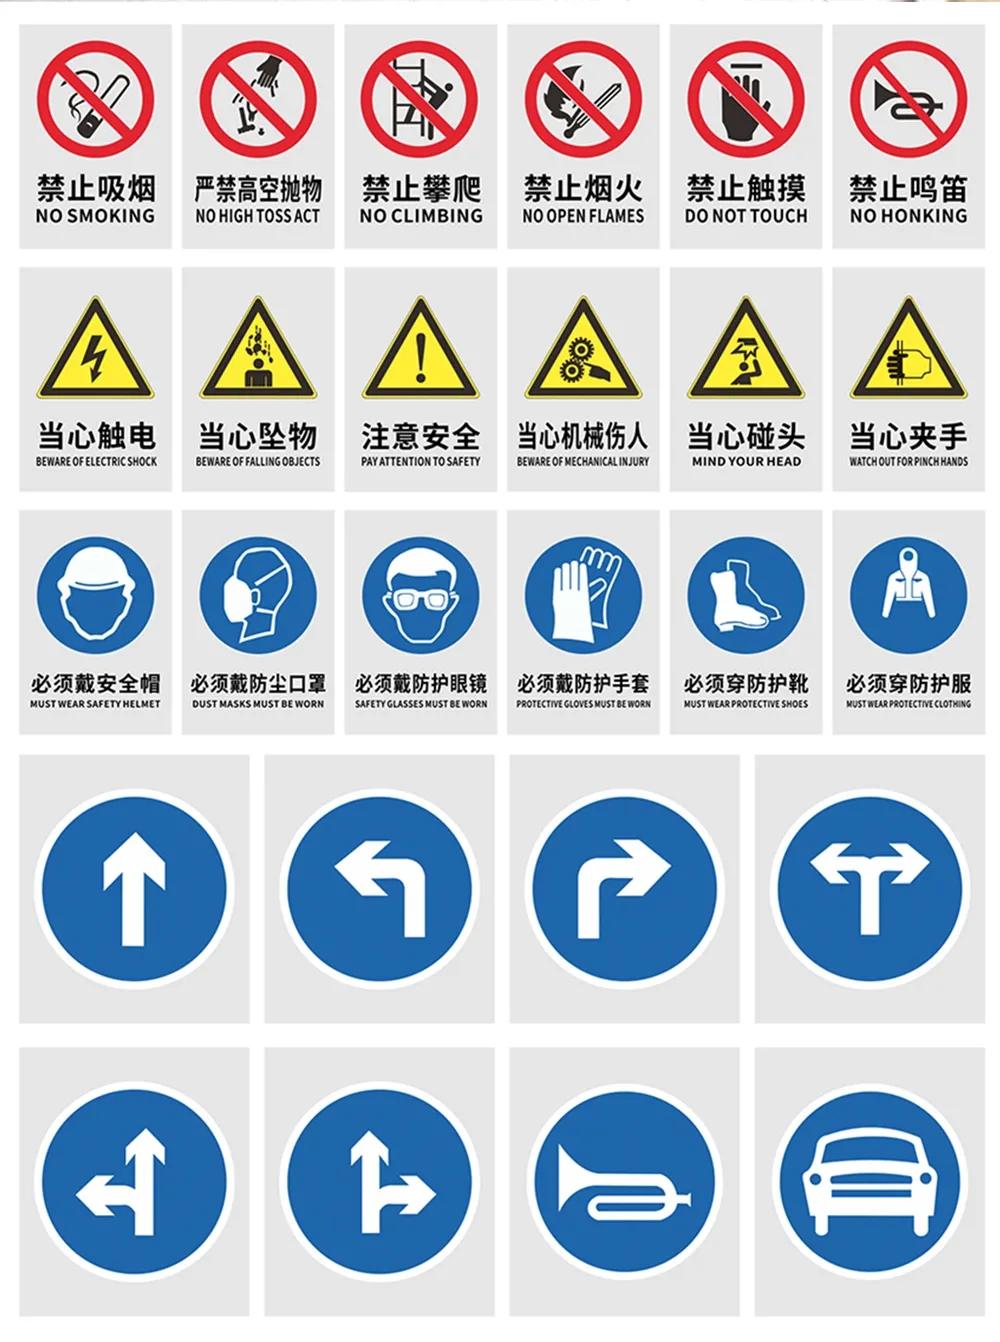 广西桂林大巴撞上限高杆被削顶,造成1死6伤登上热搜